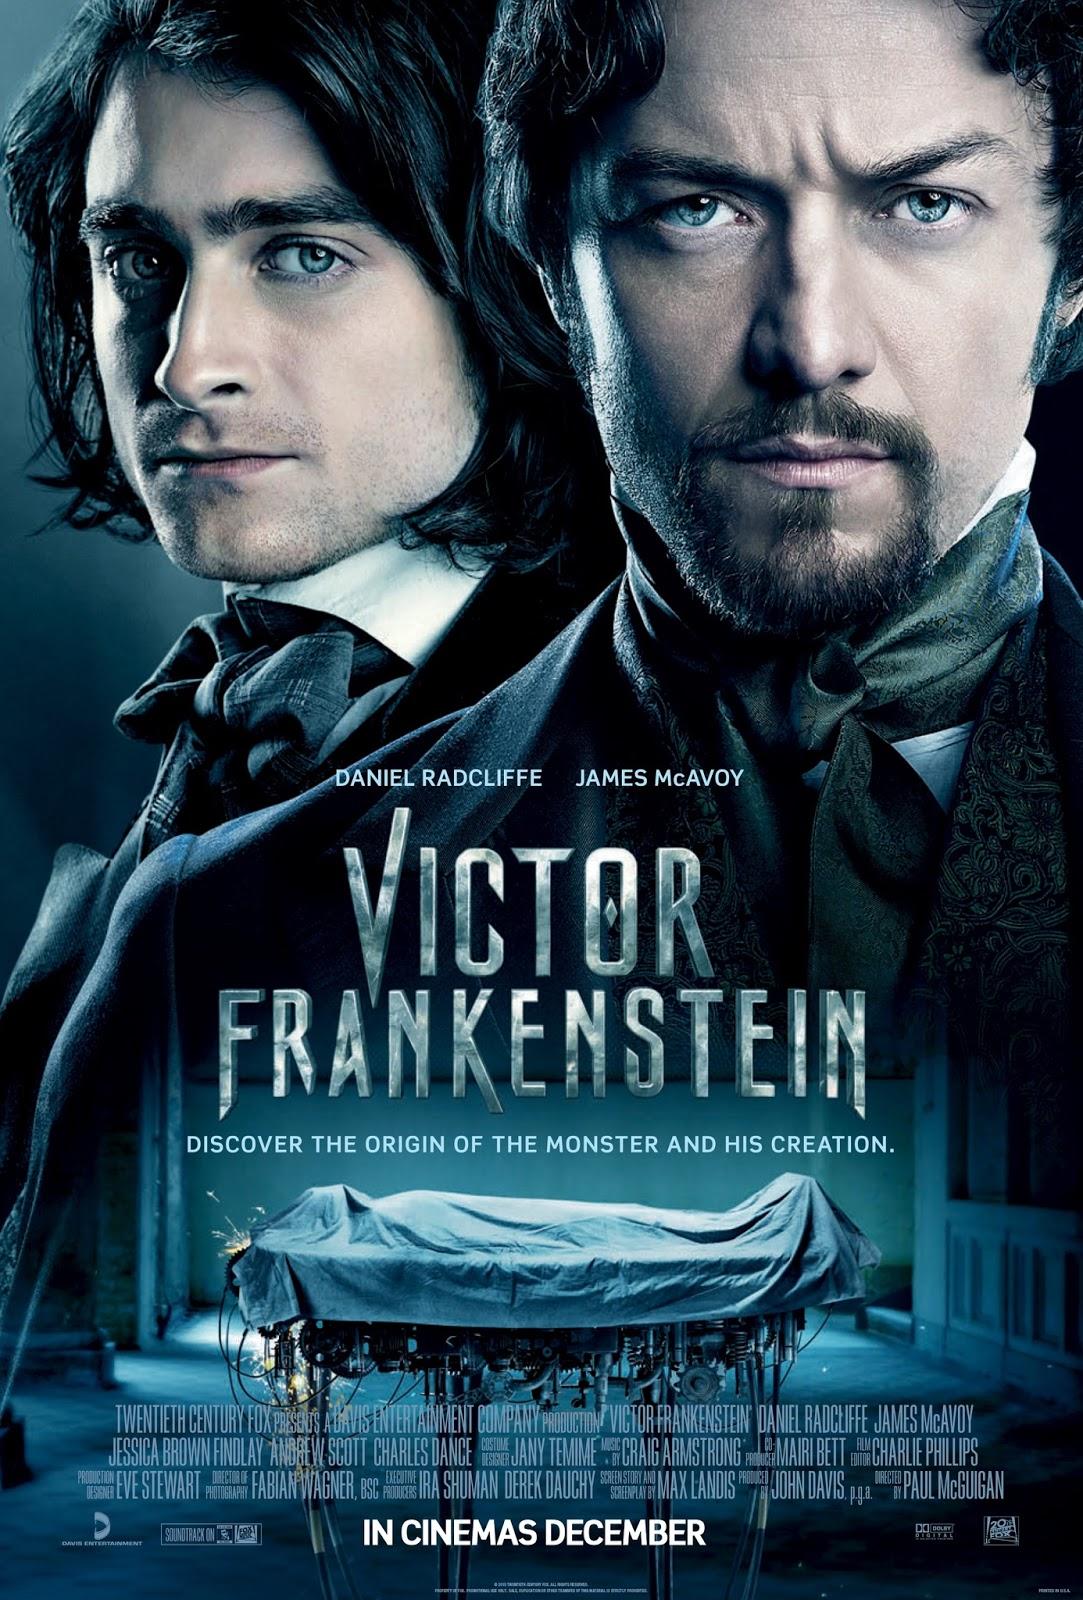 Victor Frankenstein 2015 Movies2games4u